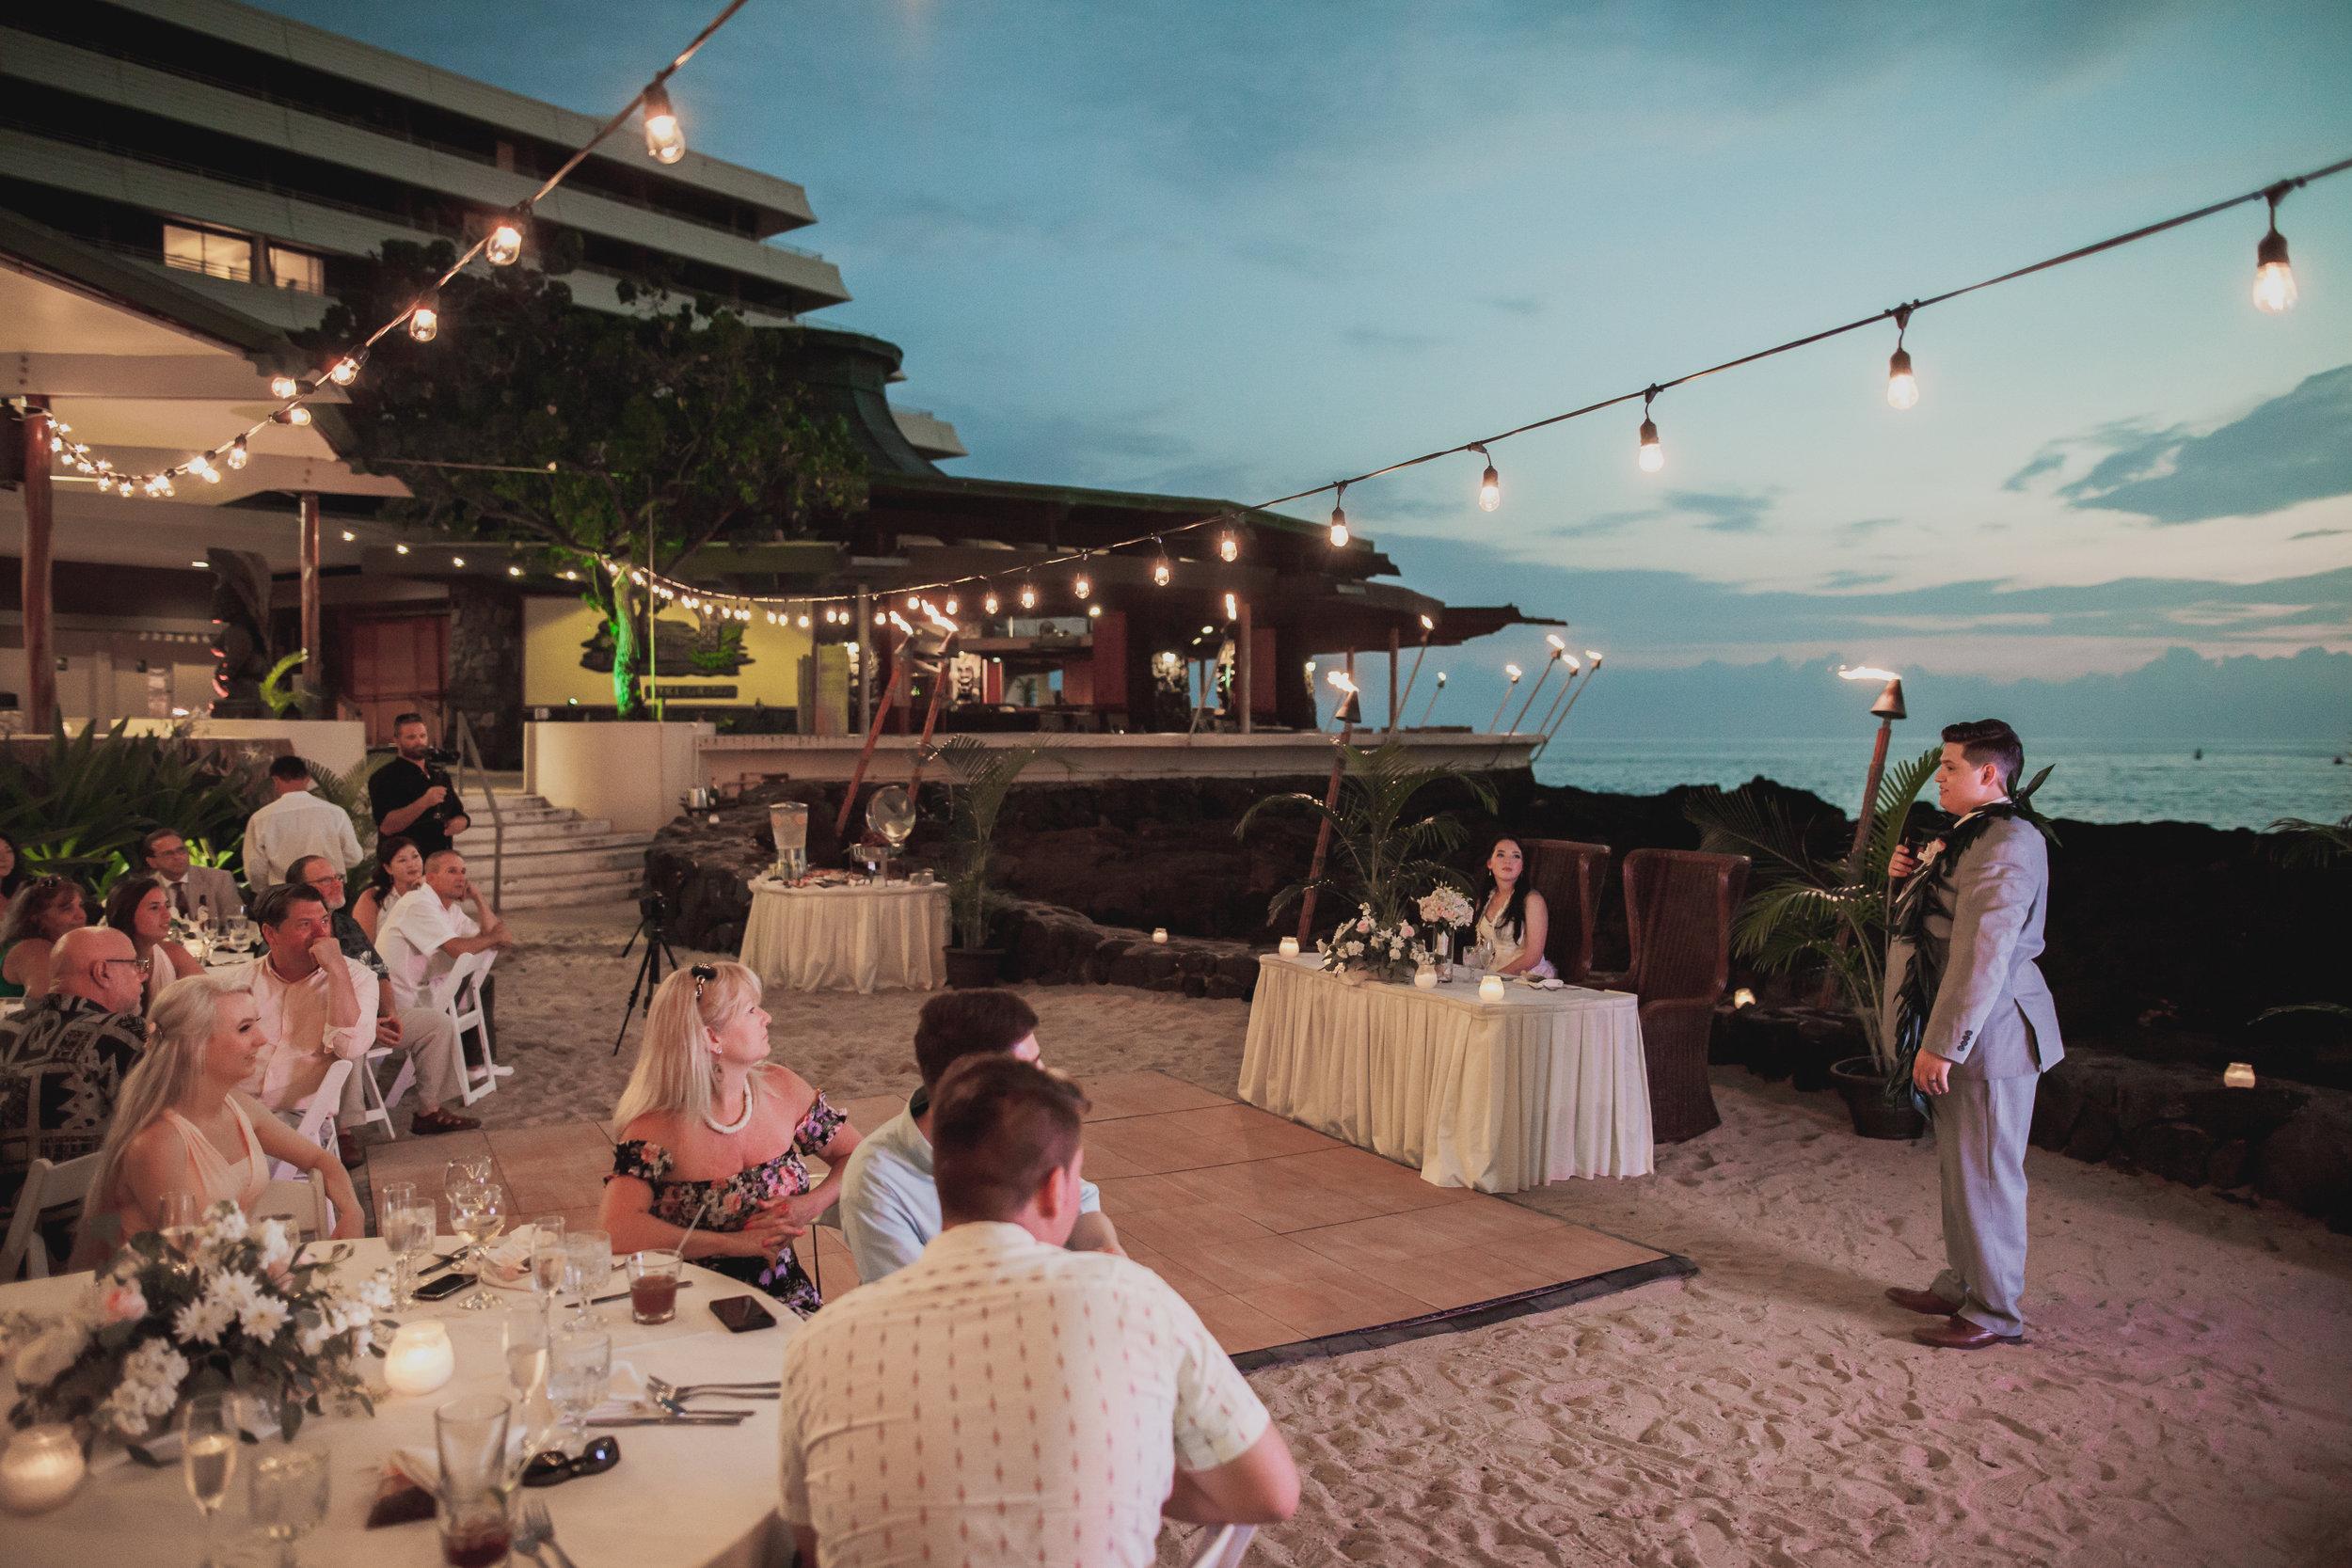 big island hawaii royal kona resort wedding kelilina photography 20171001183400-1.jpg